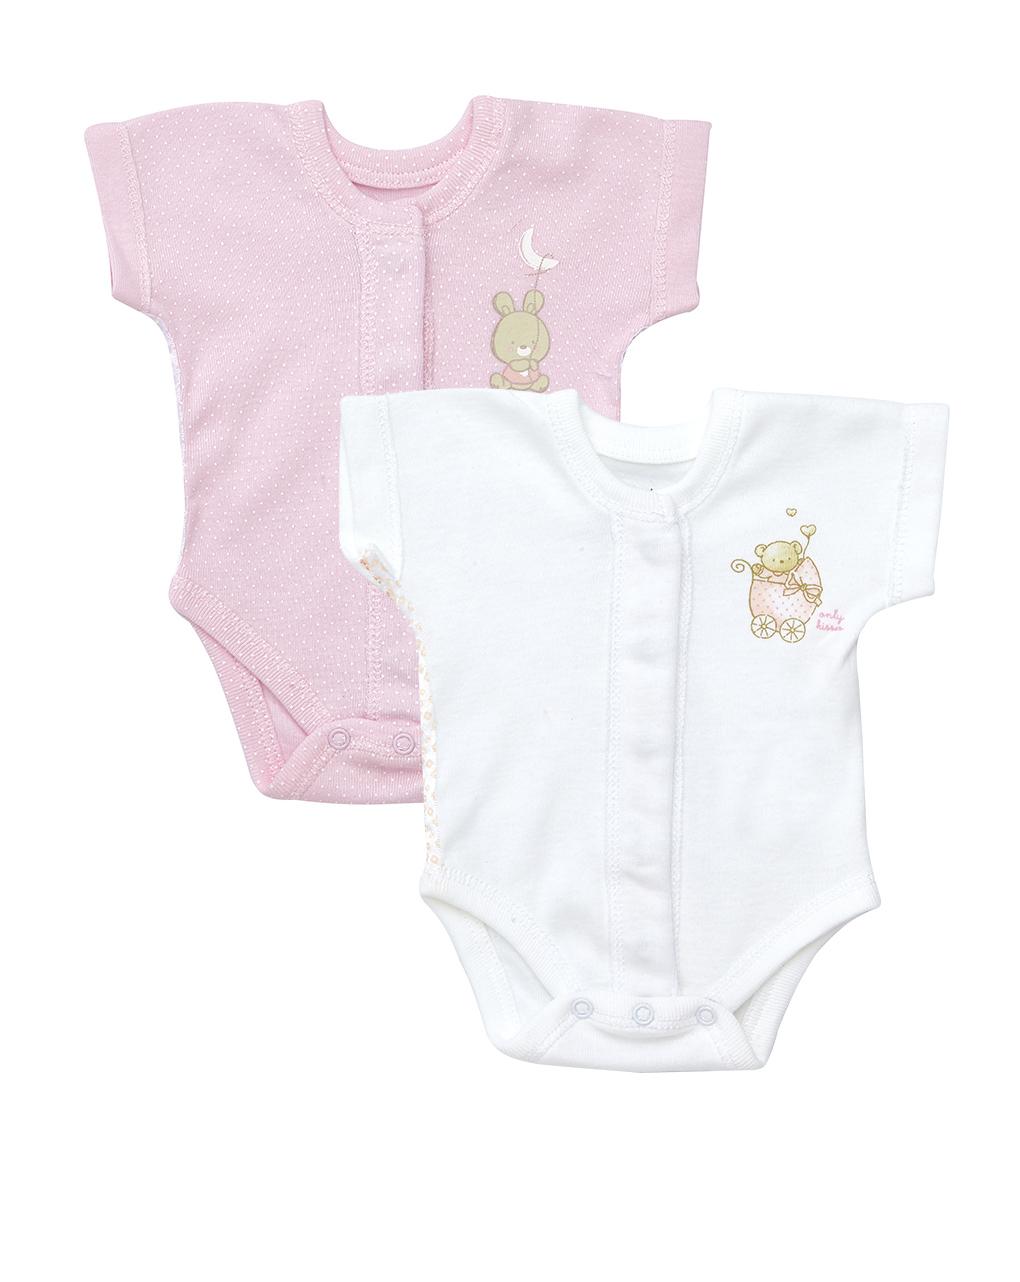 Pack 2 body extrasmall maniche corte rosa e bianco con orsetti - Prénatal